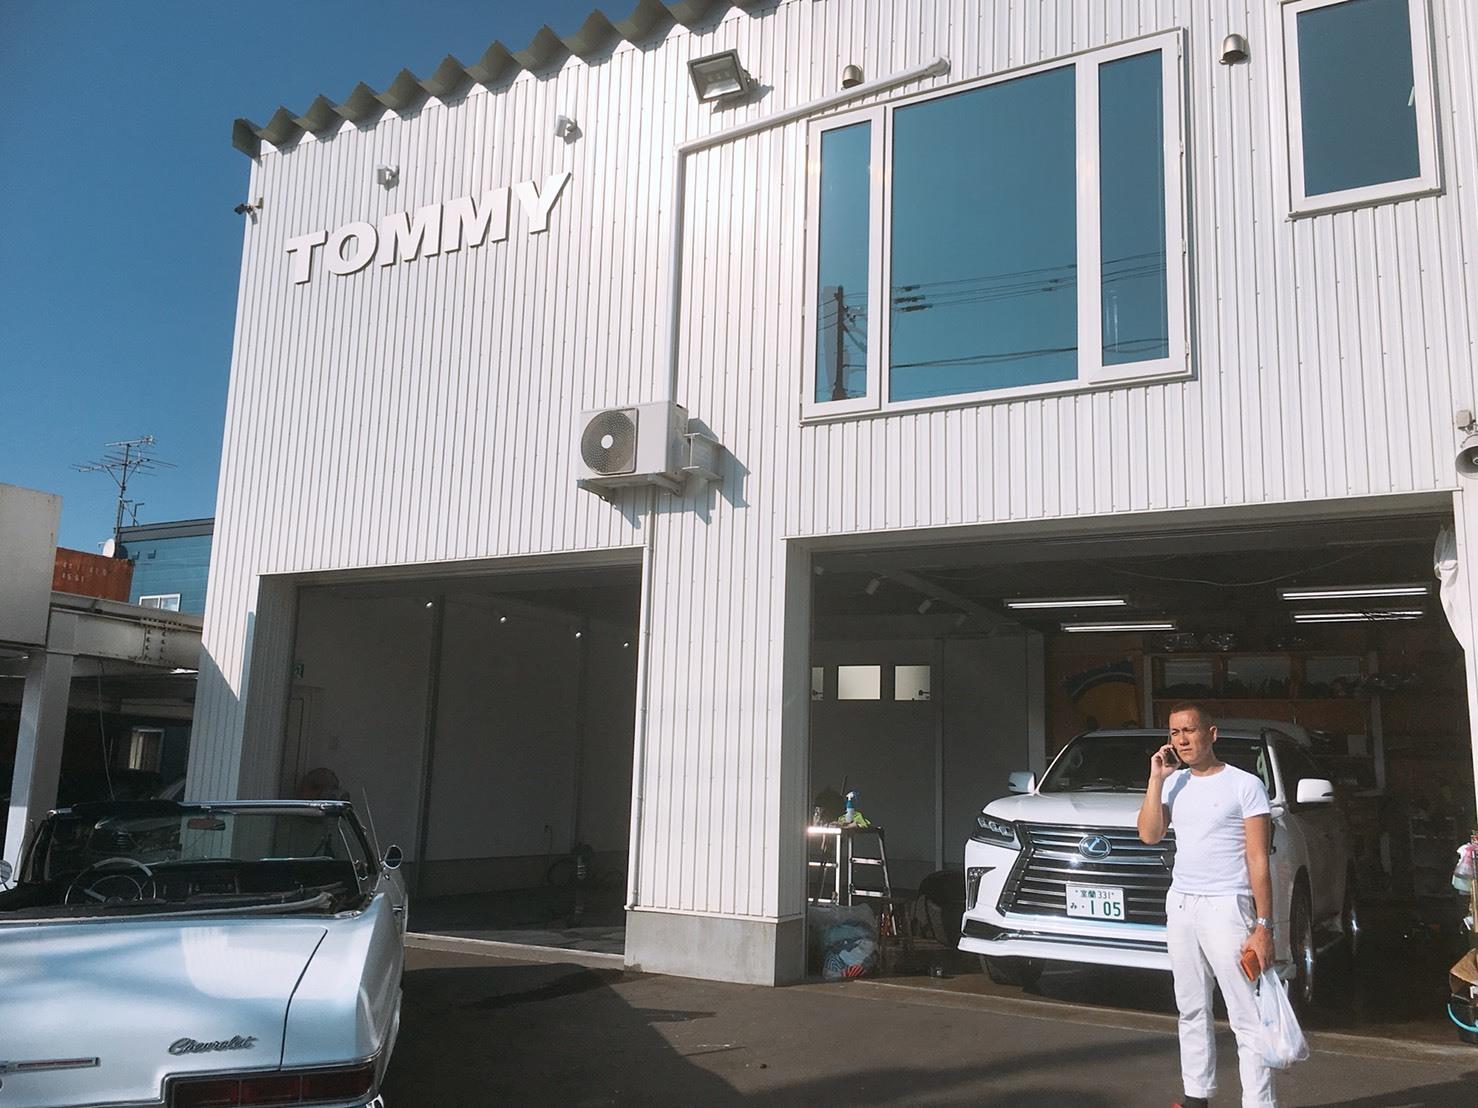 必見☆LX570 27年車撮影完了しました TOMMY本店ブログ♪ ランクル ハマー アルファード _b0127002_17550291.jpg